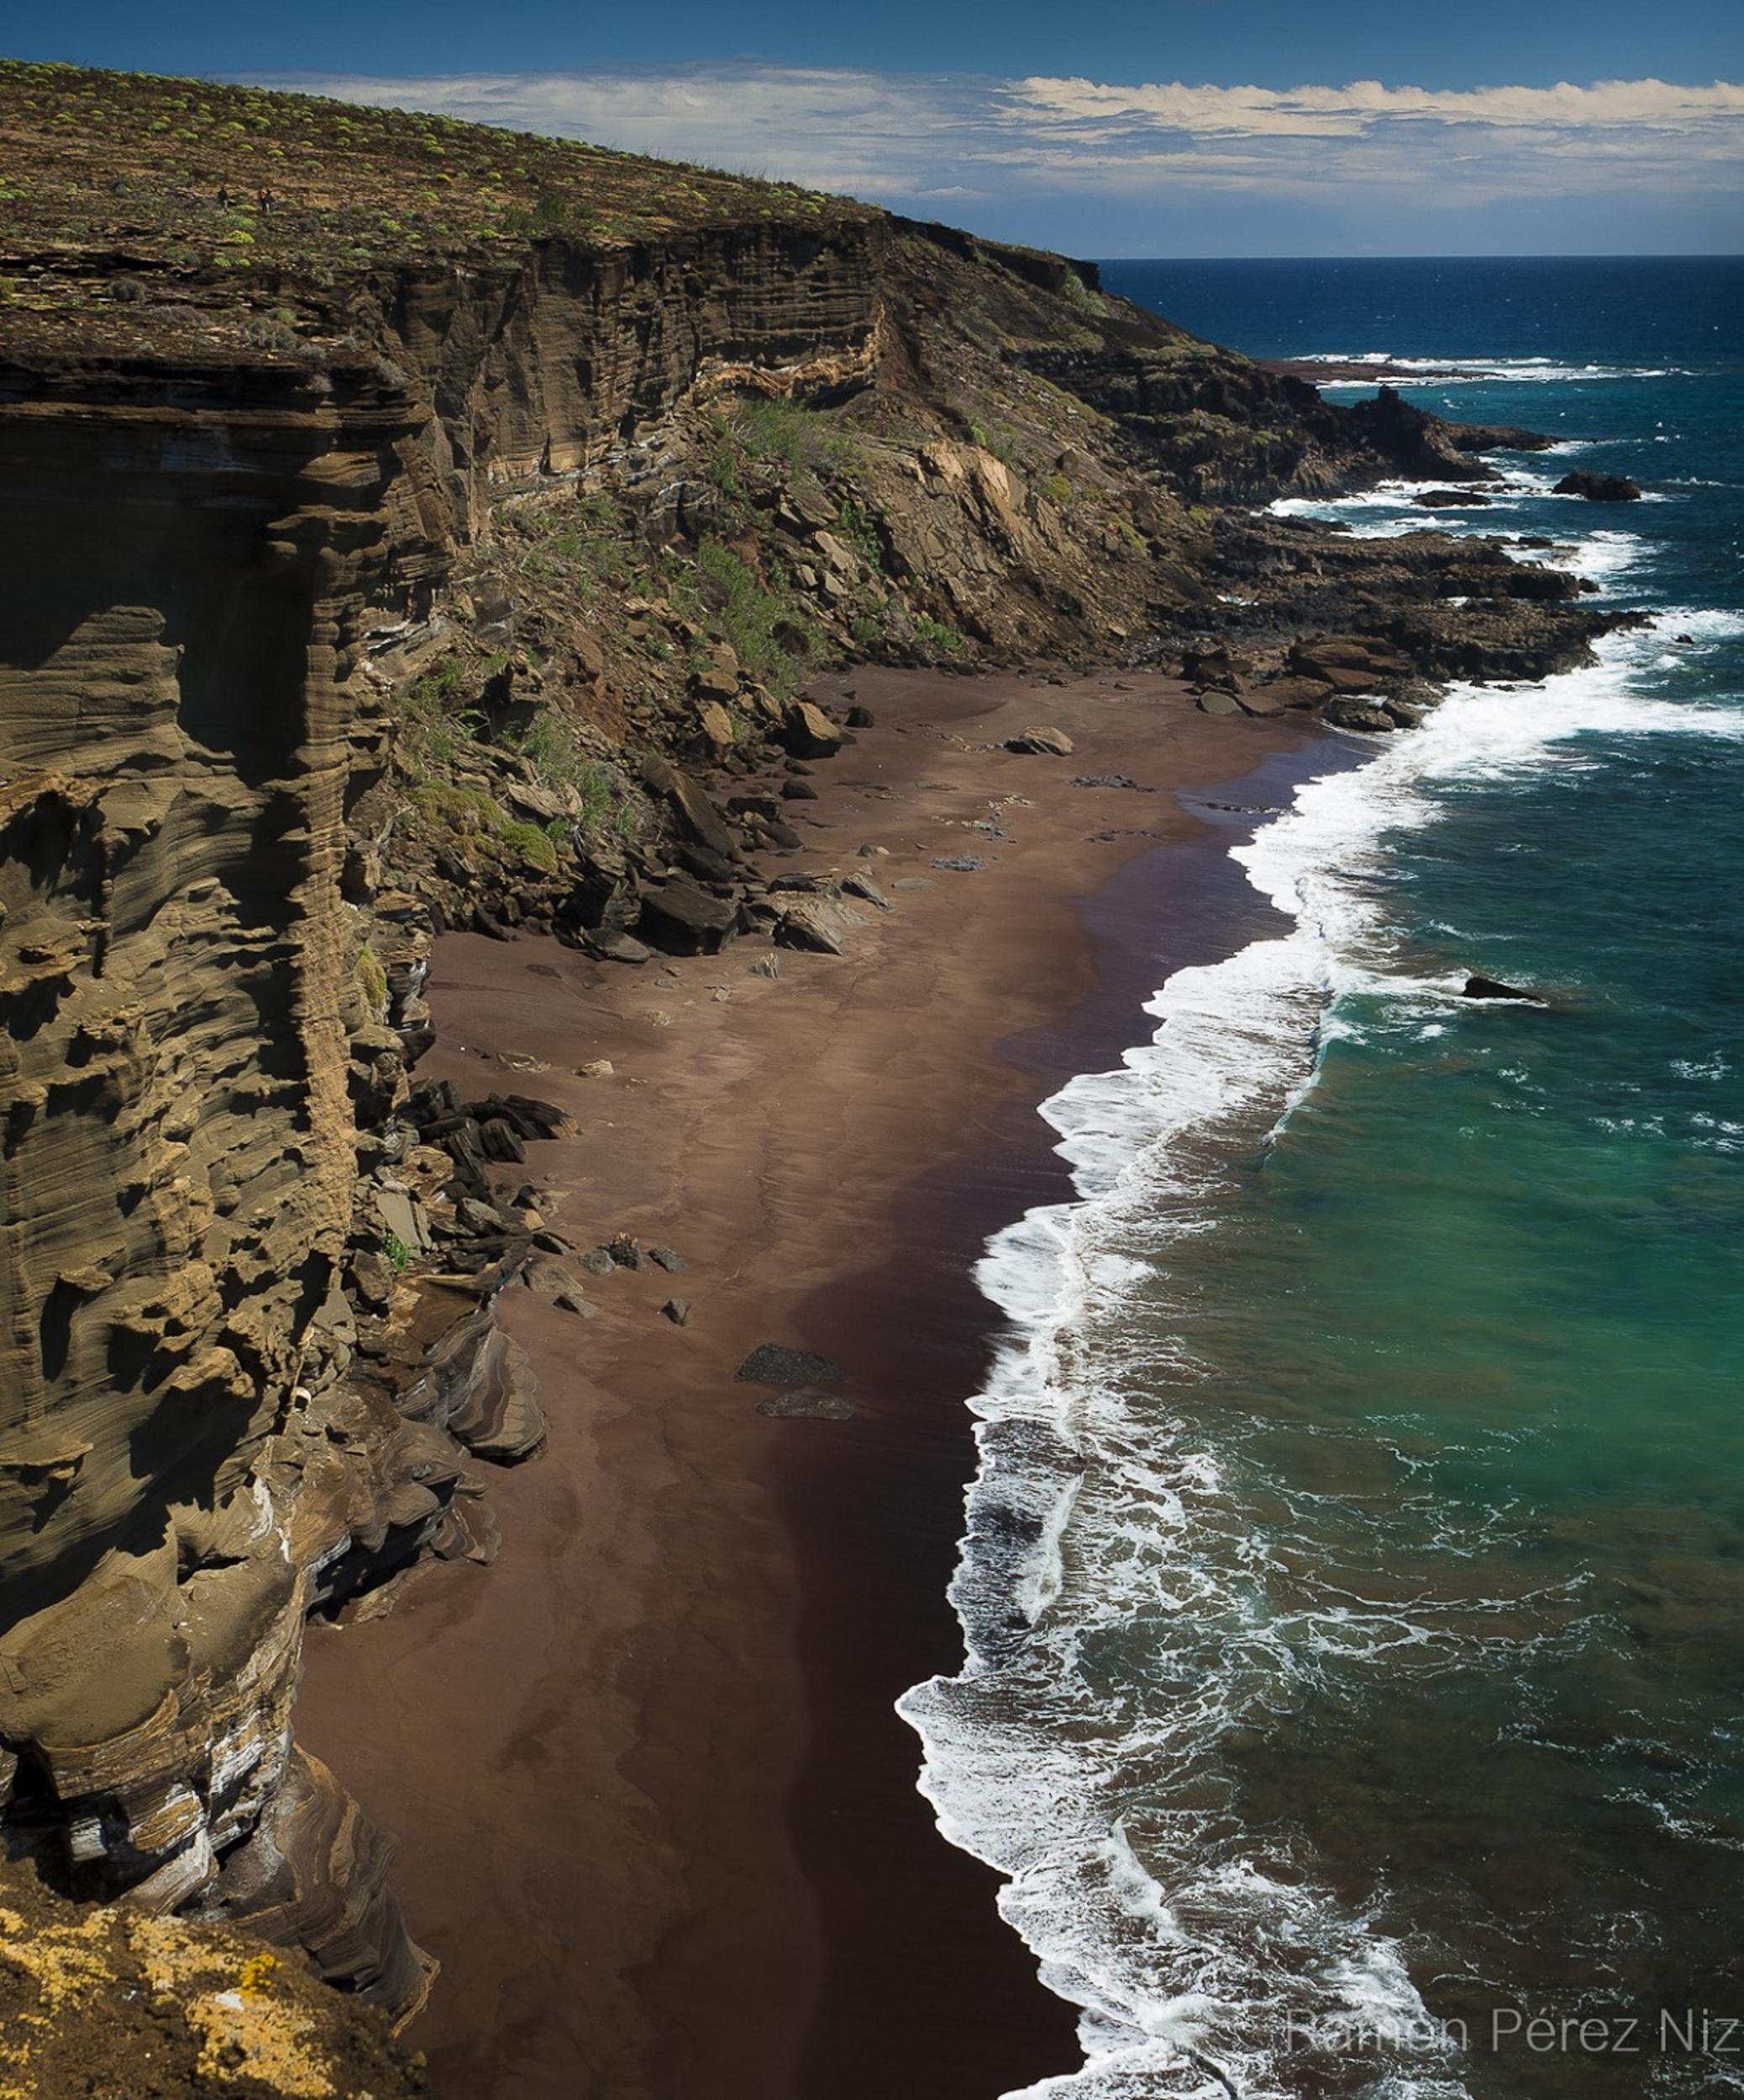 Playa del Islote de Alegranza, fotografía de Ramón Pérez Niz